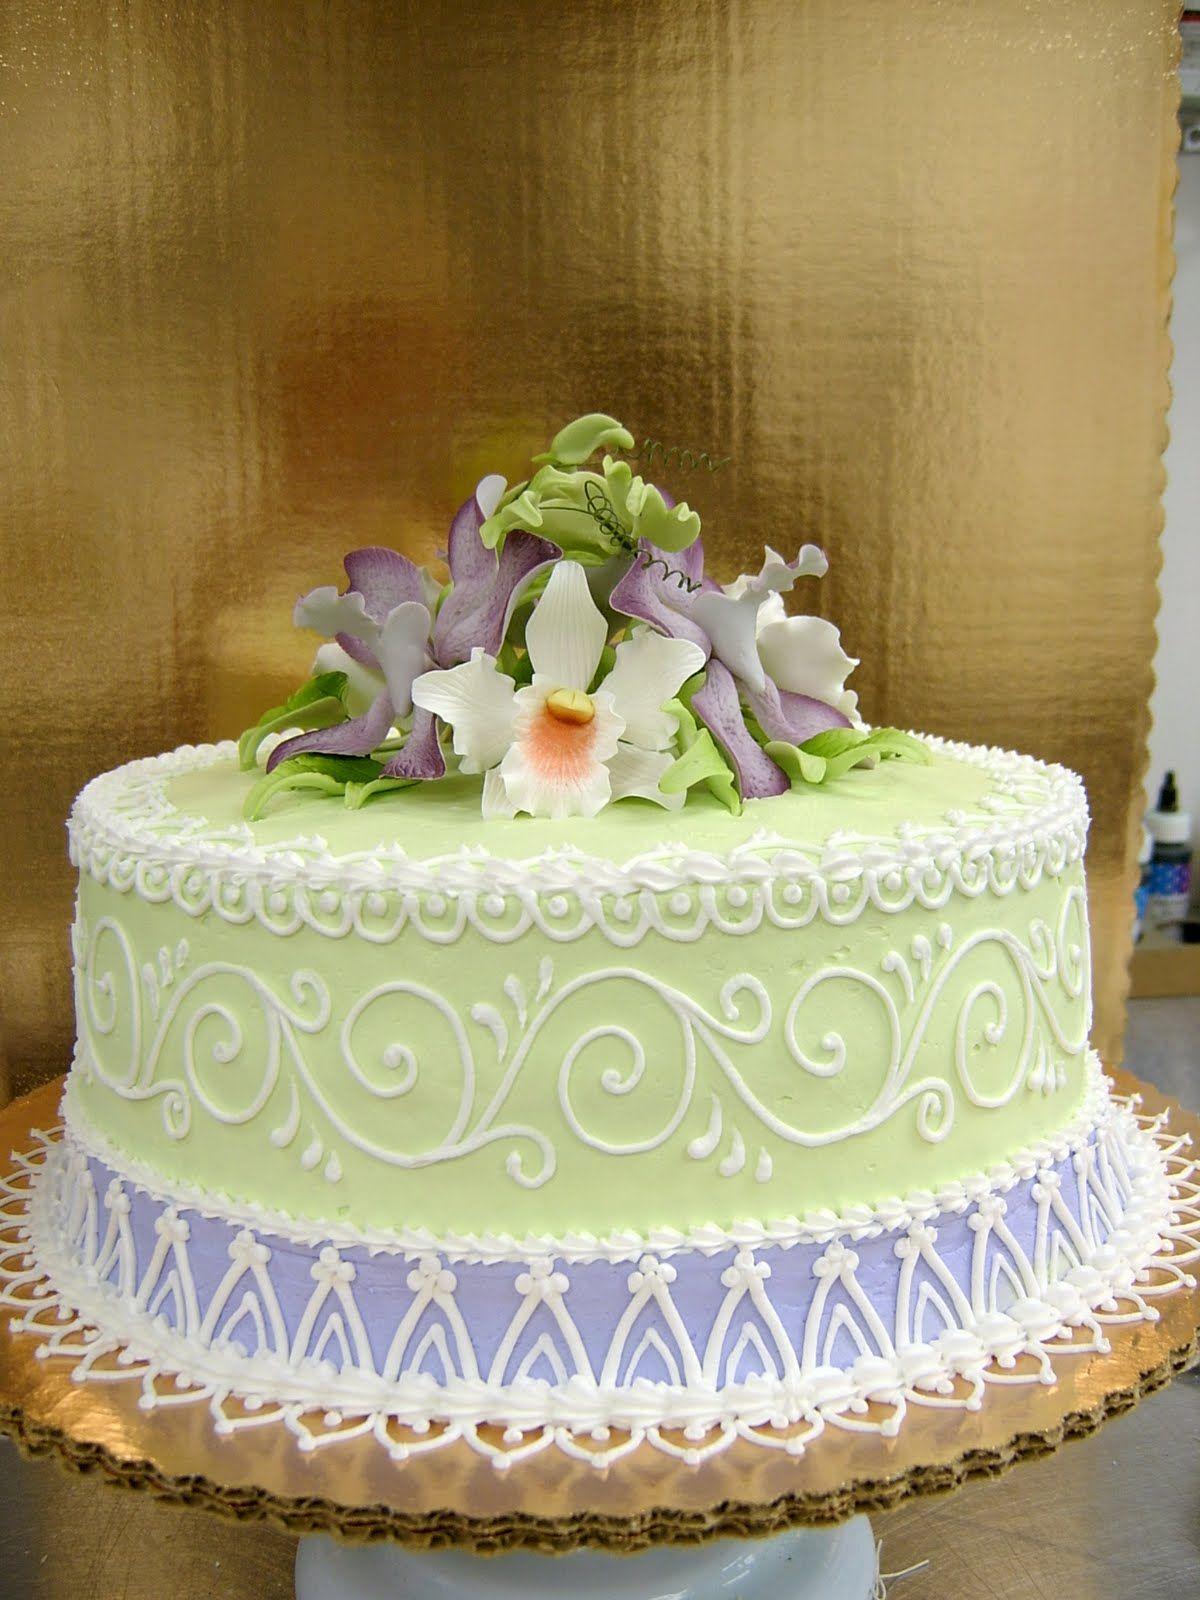 Elegant Birthday Cake By The EvIl Plankton cakepins